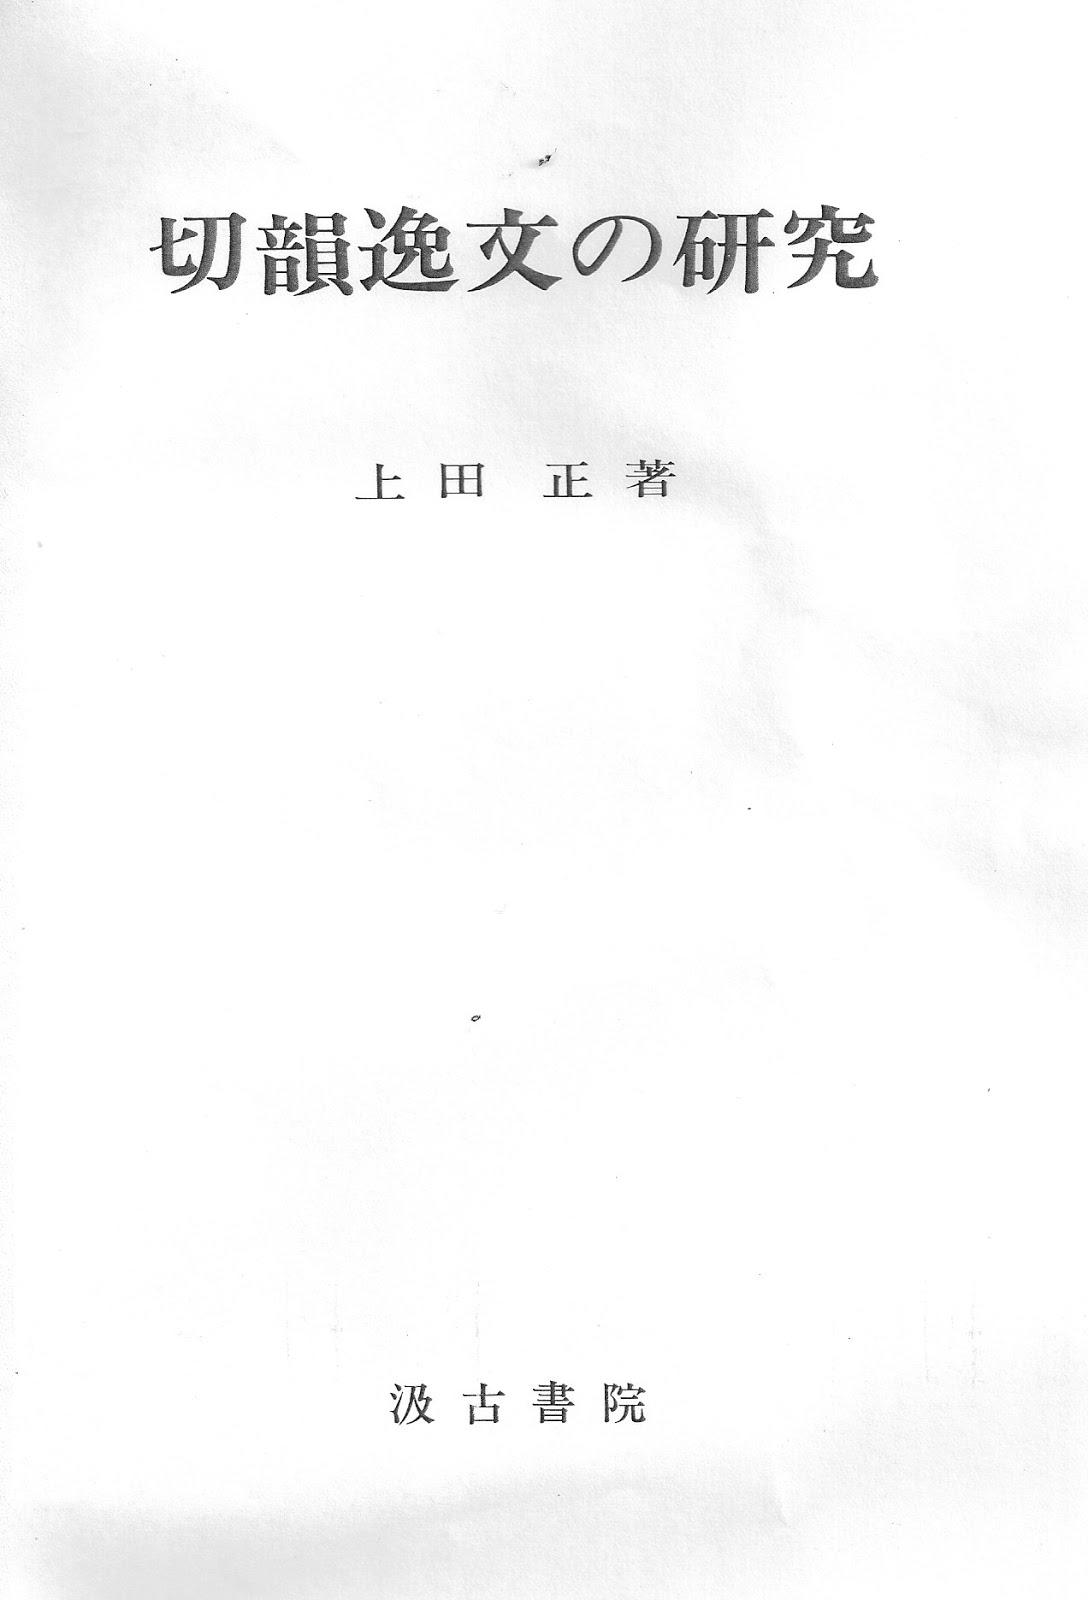 ぐーたら気延日記(重箱の隅): ...